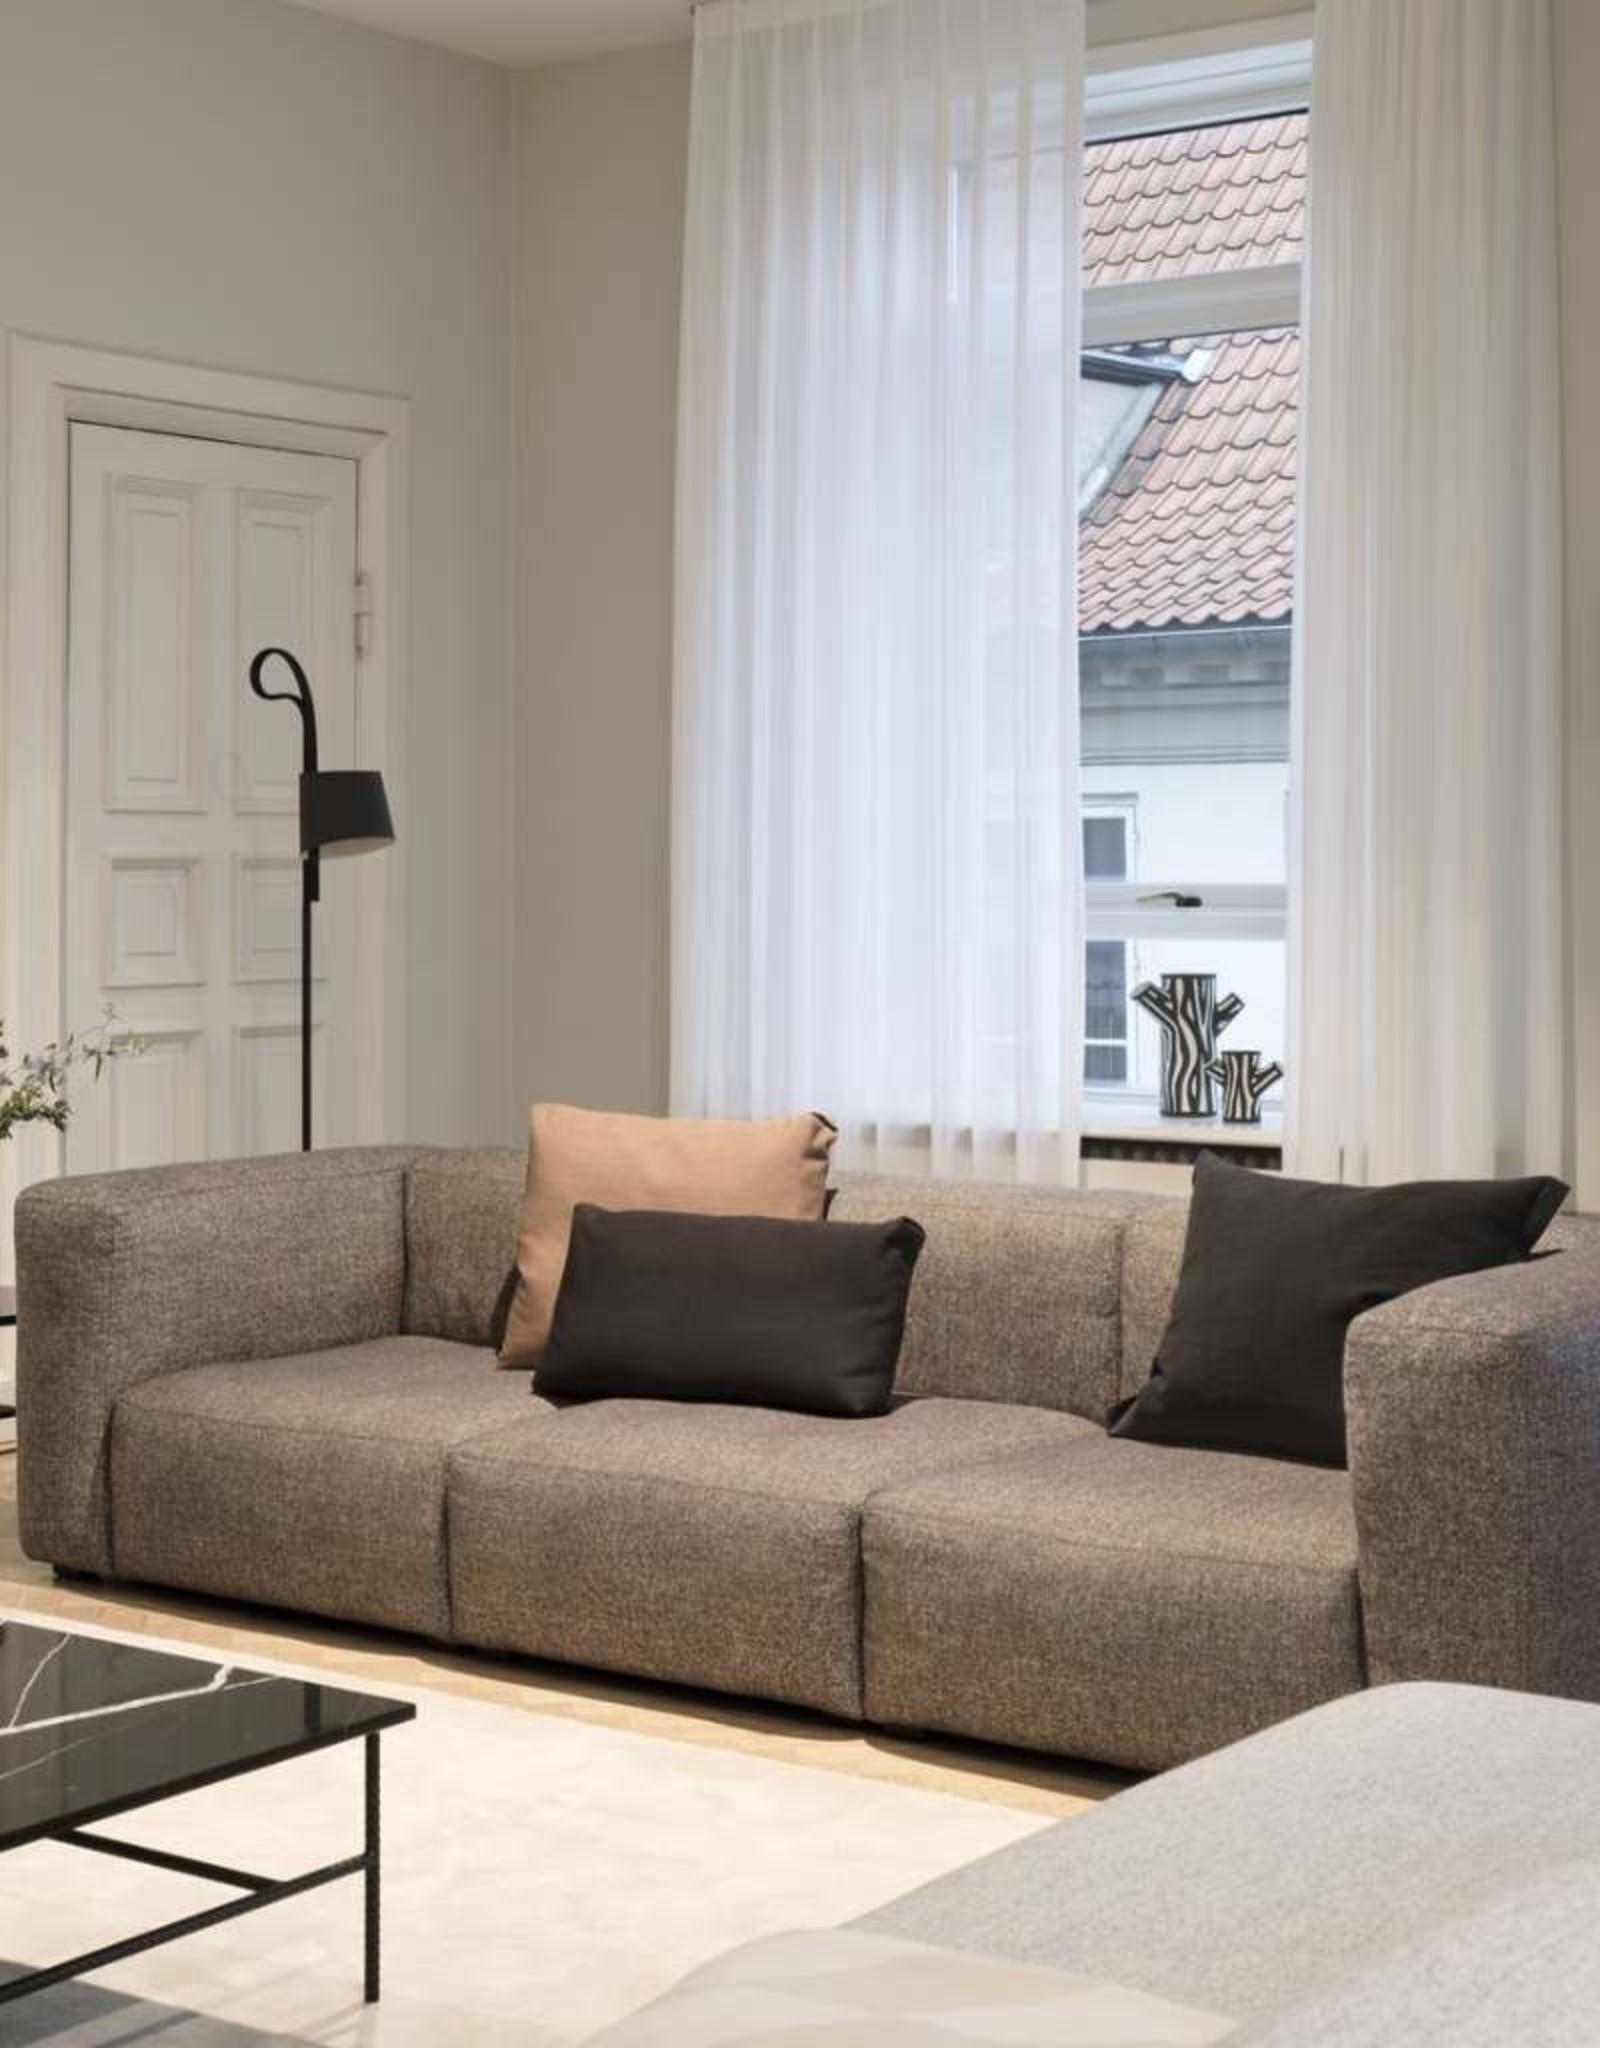 HAY HAY Mags Sofa